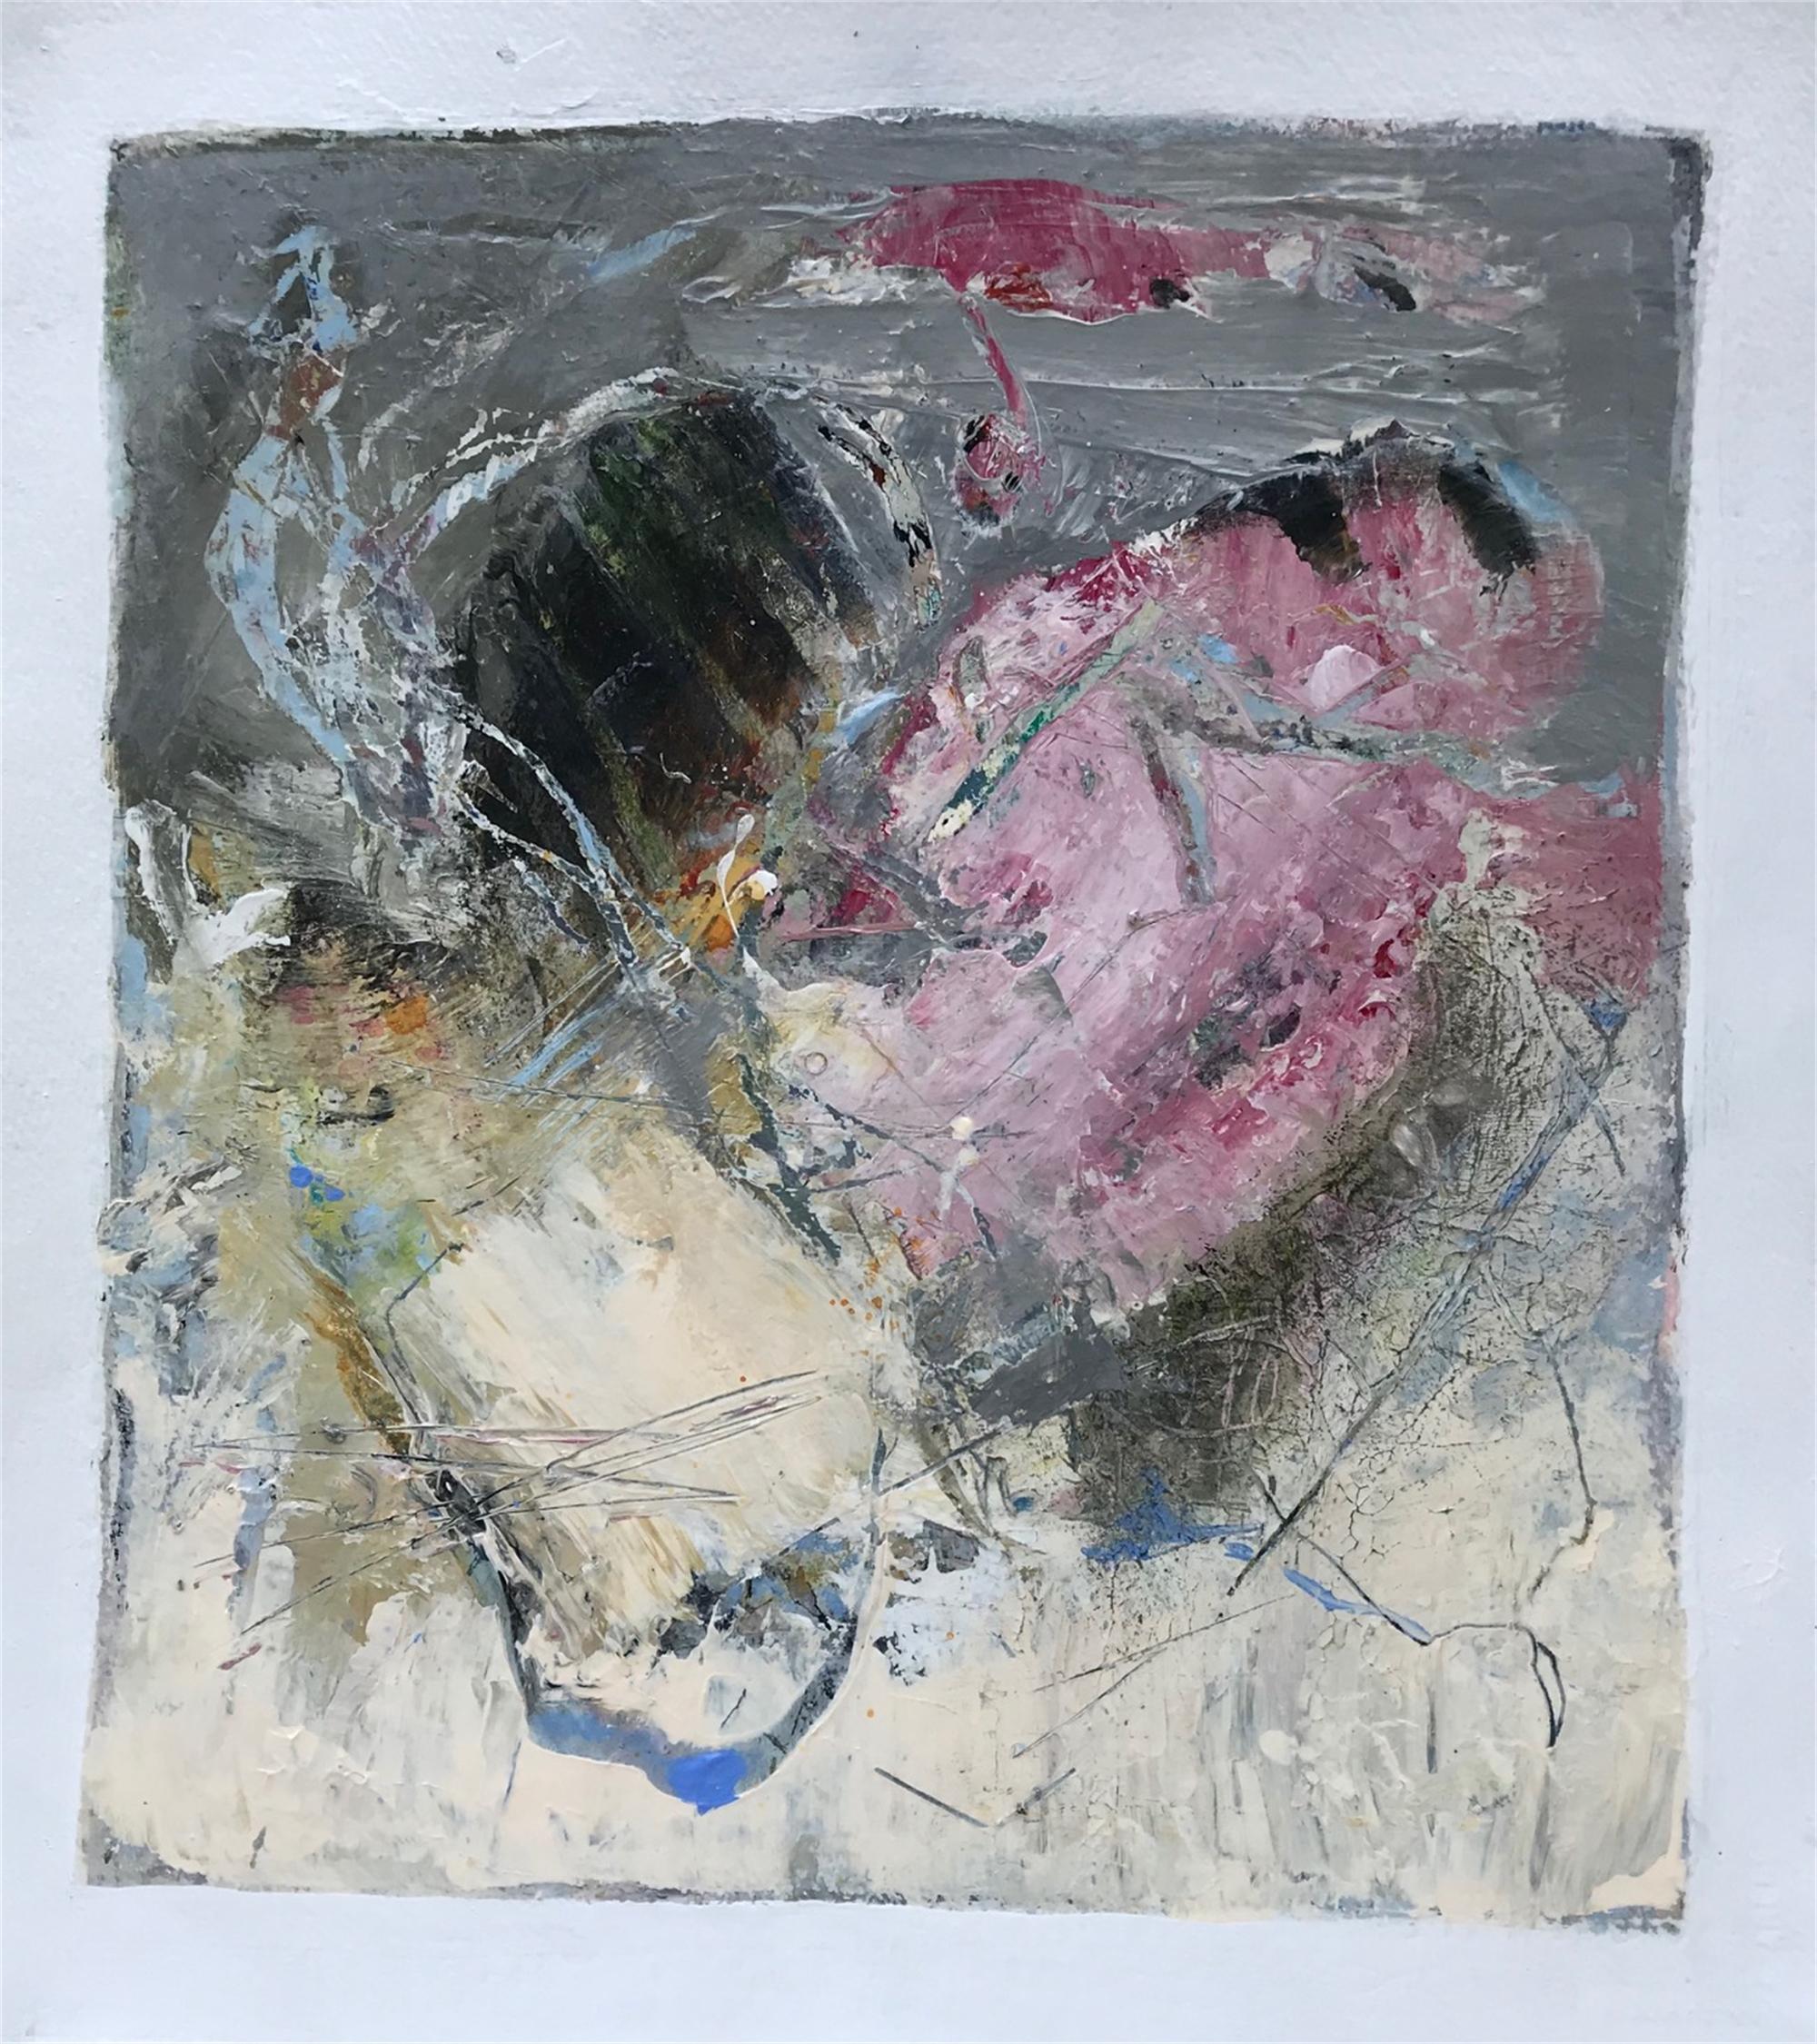 LNP 11 by Leslie Newman